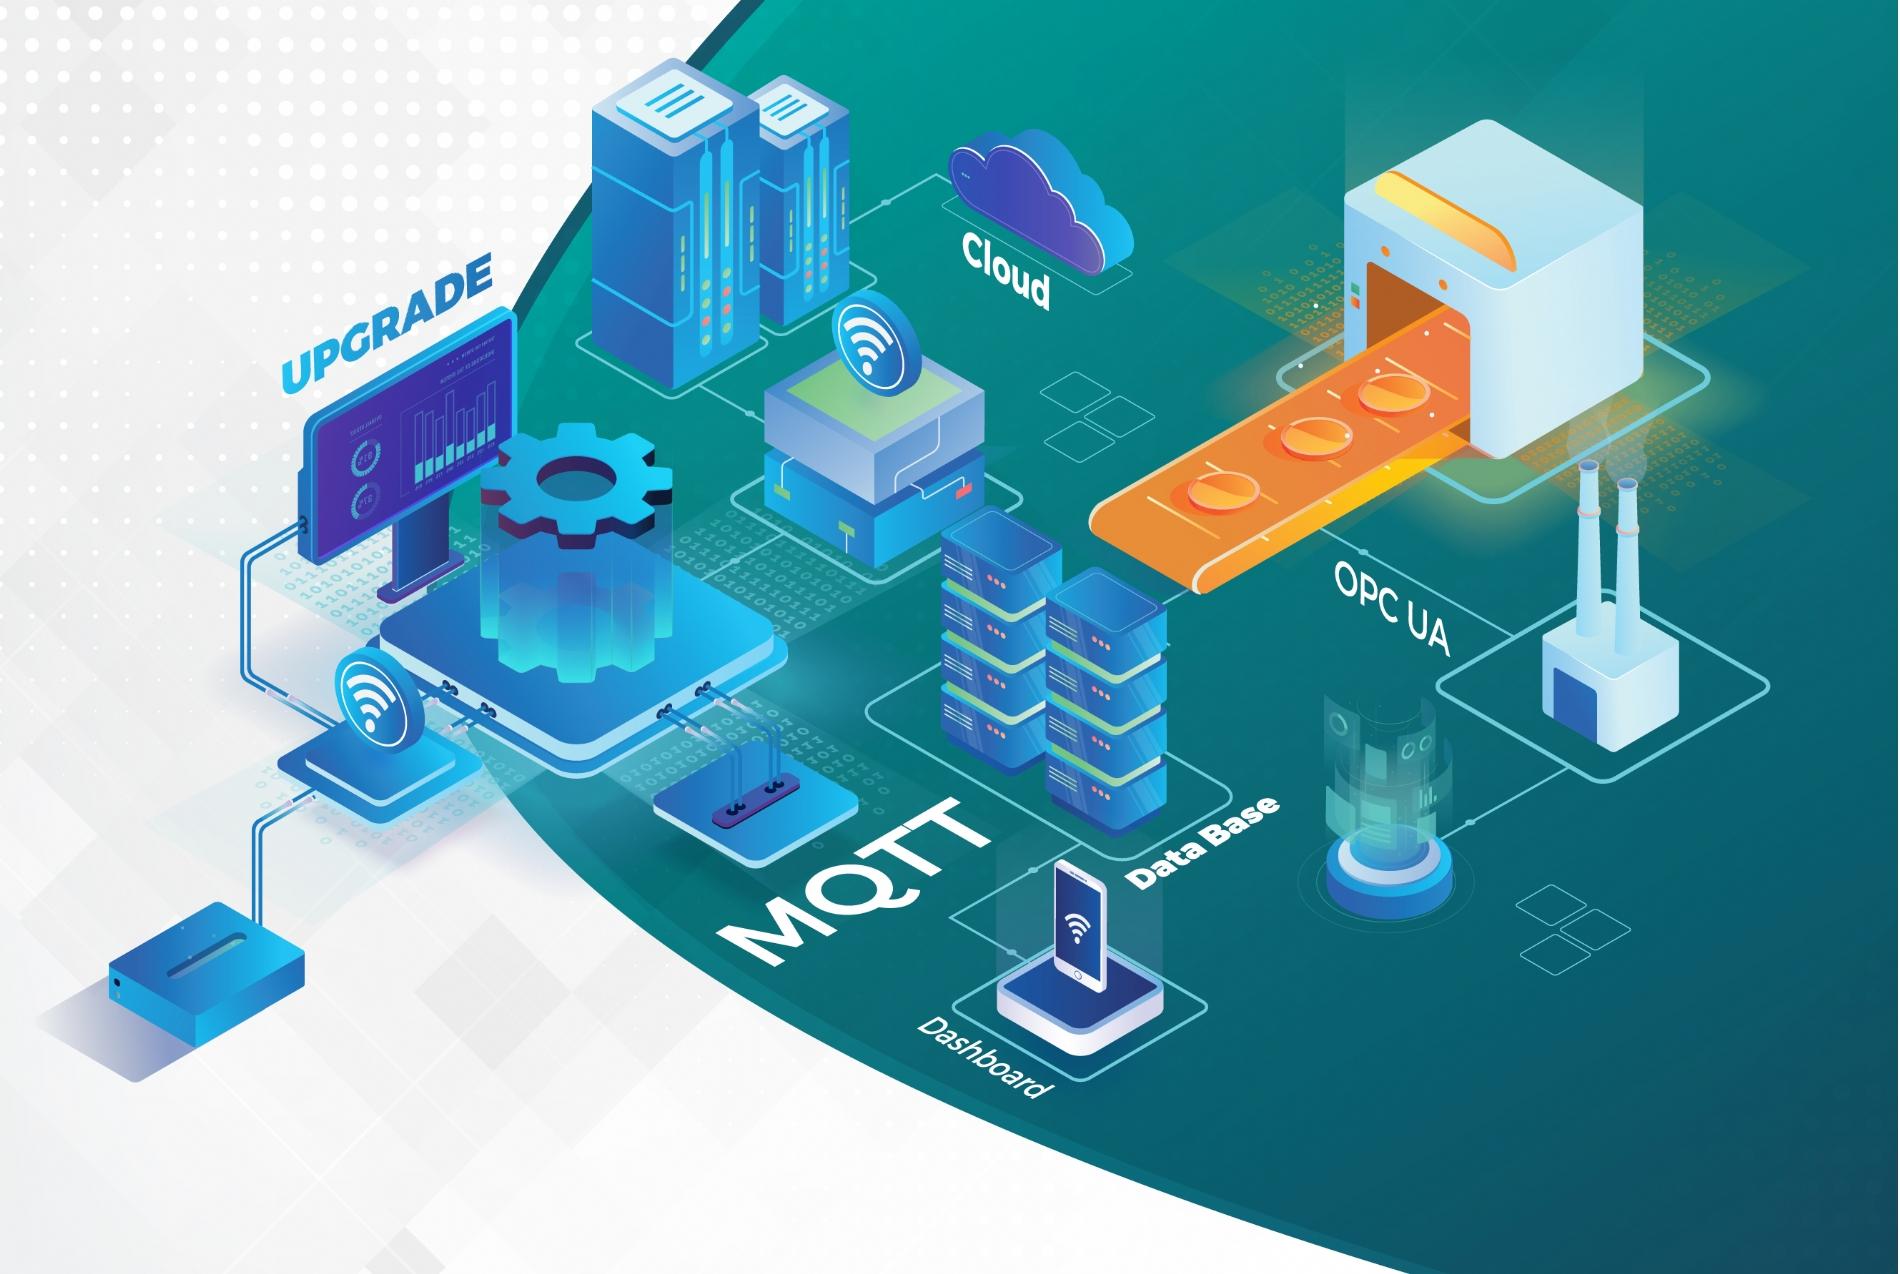 IIoT Gateway FP-I4C per la trasformazione digitale